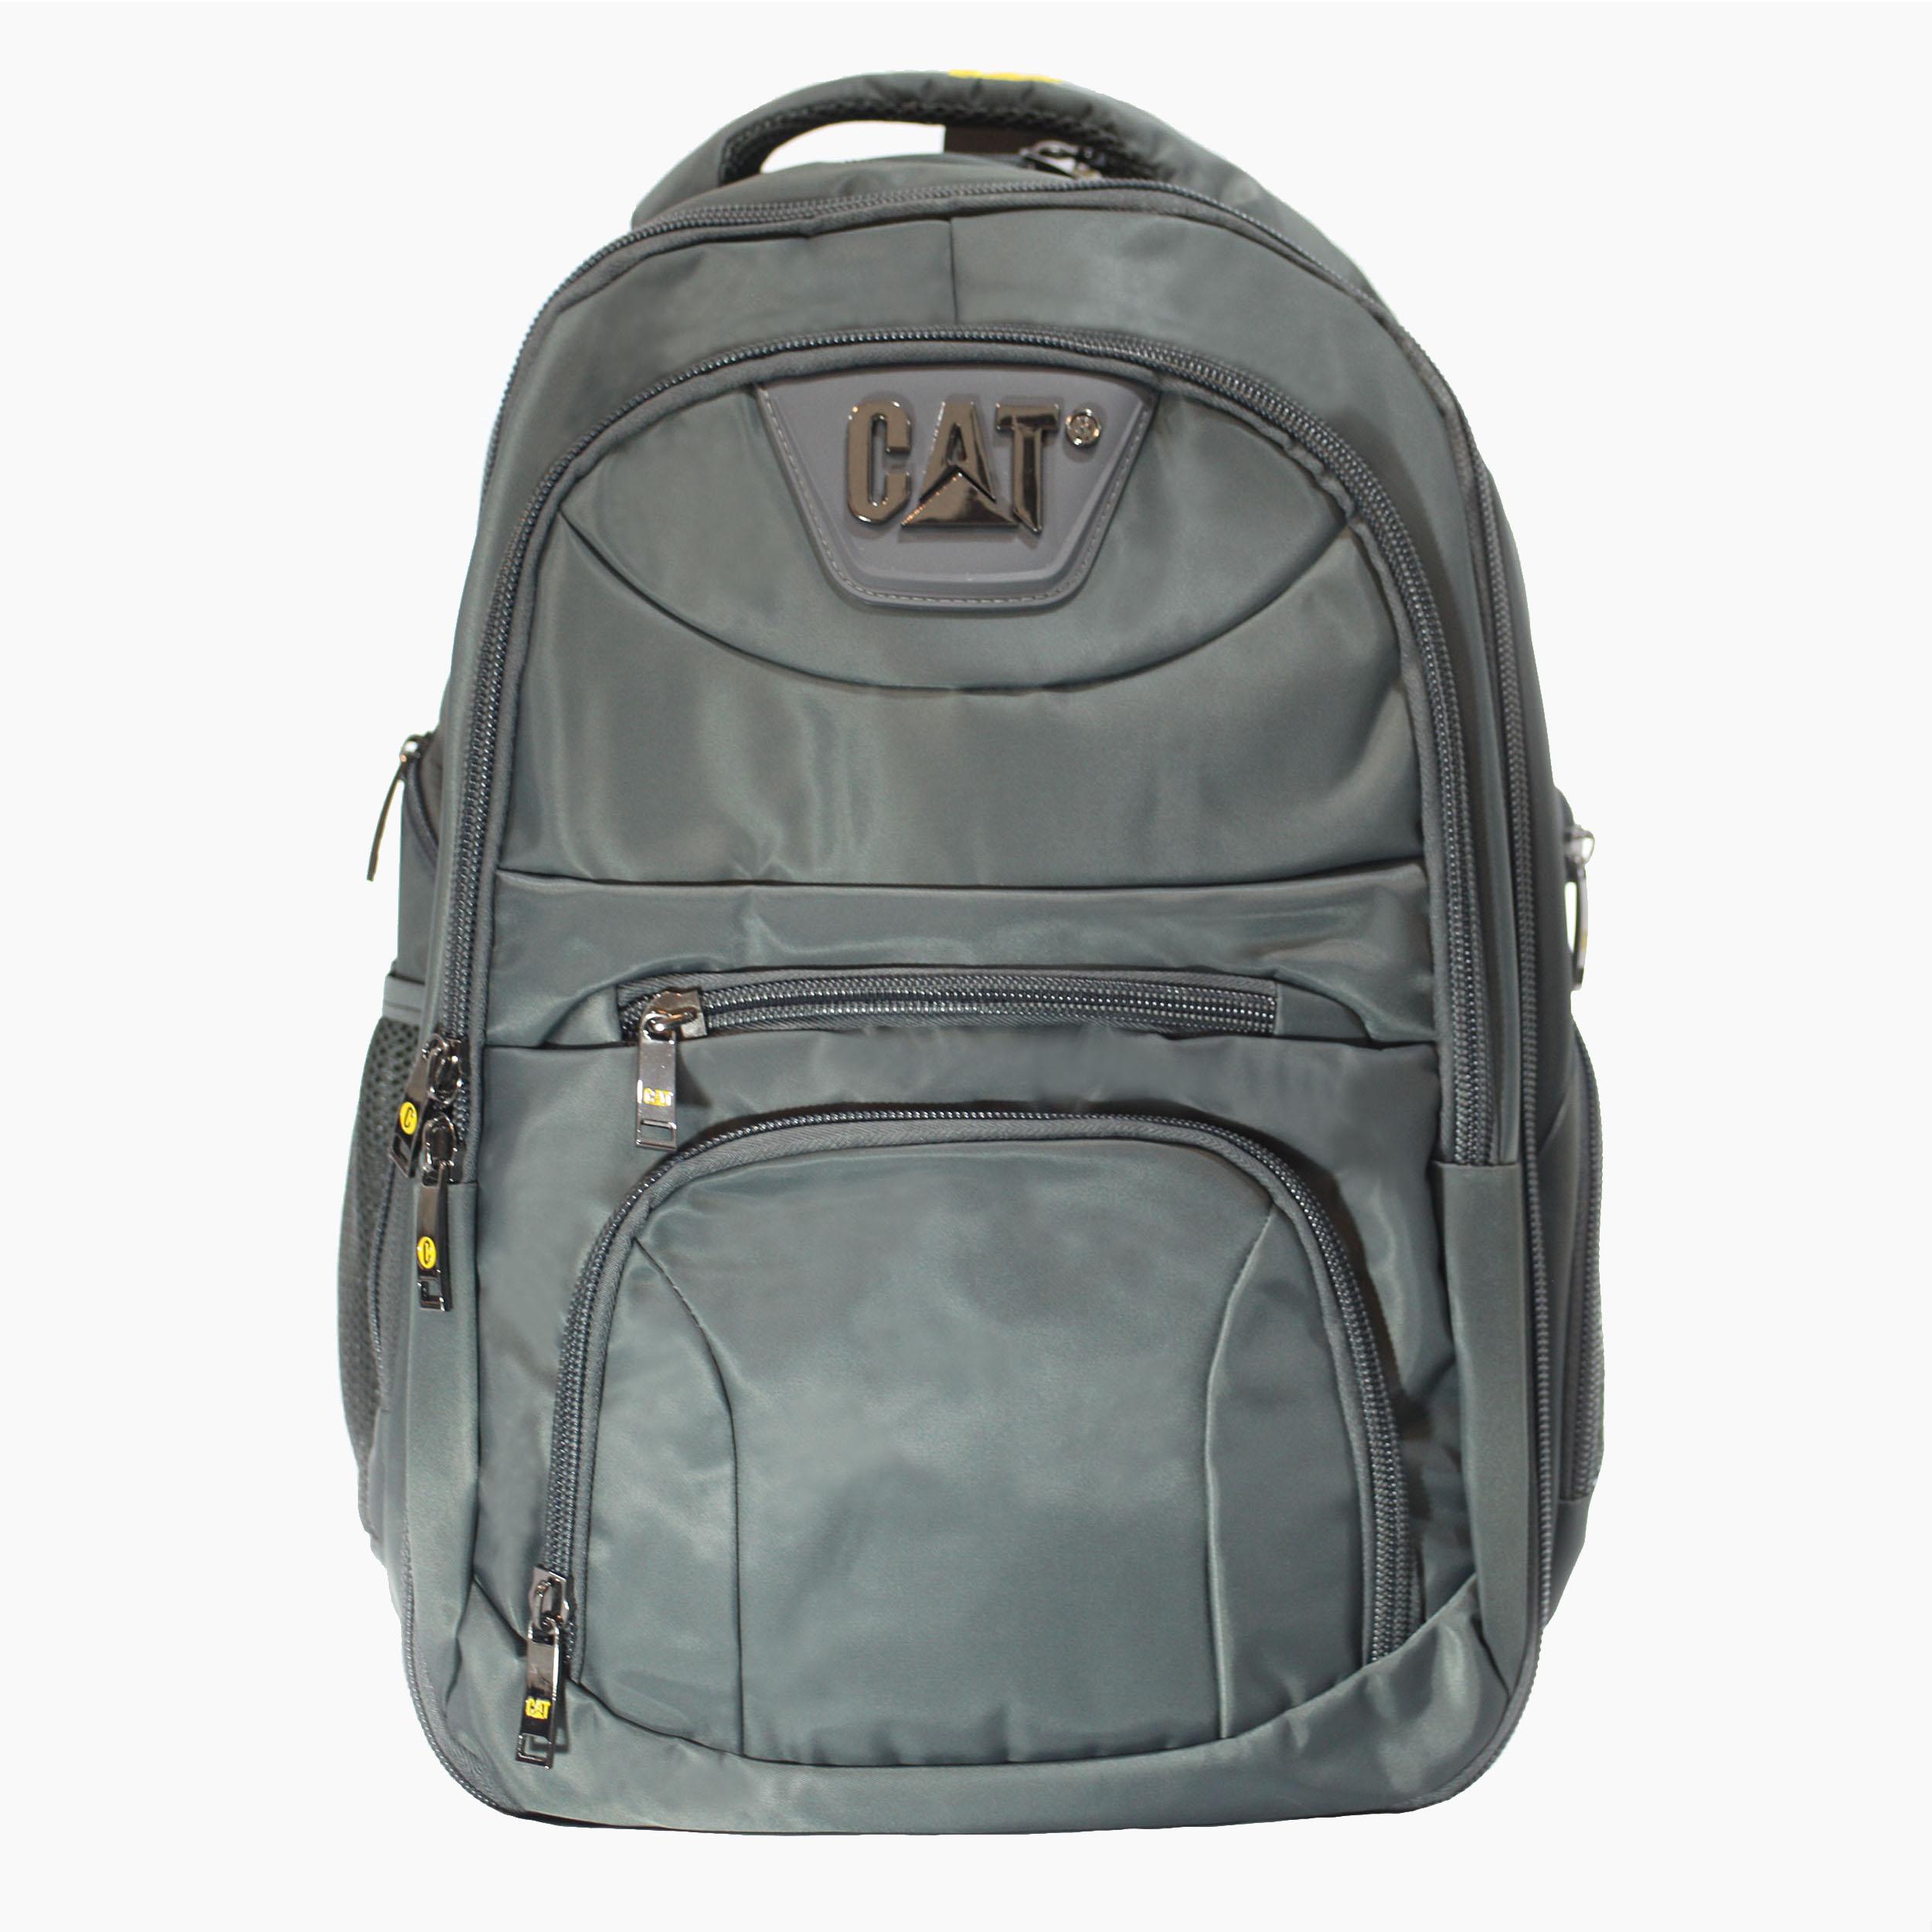 کوله پشتی لپ تاپ کاترپیلار مدل AJ-7121 مناسب برای لپ تاپ 15.6 اینچی